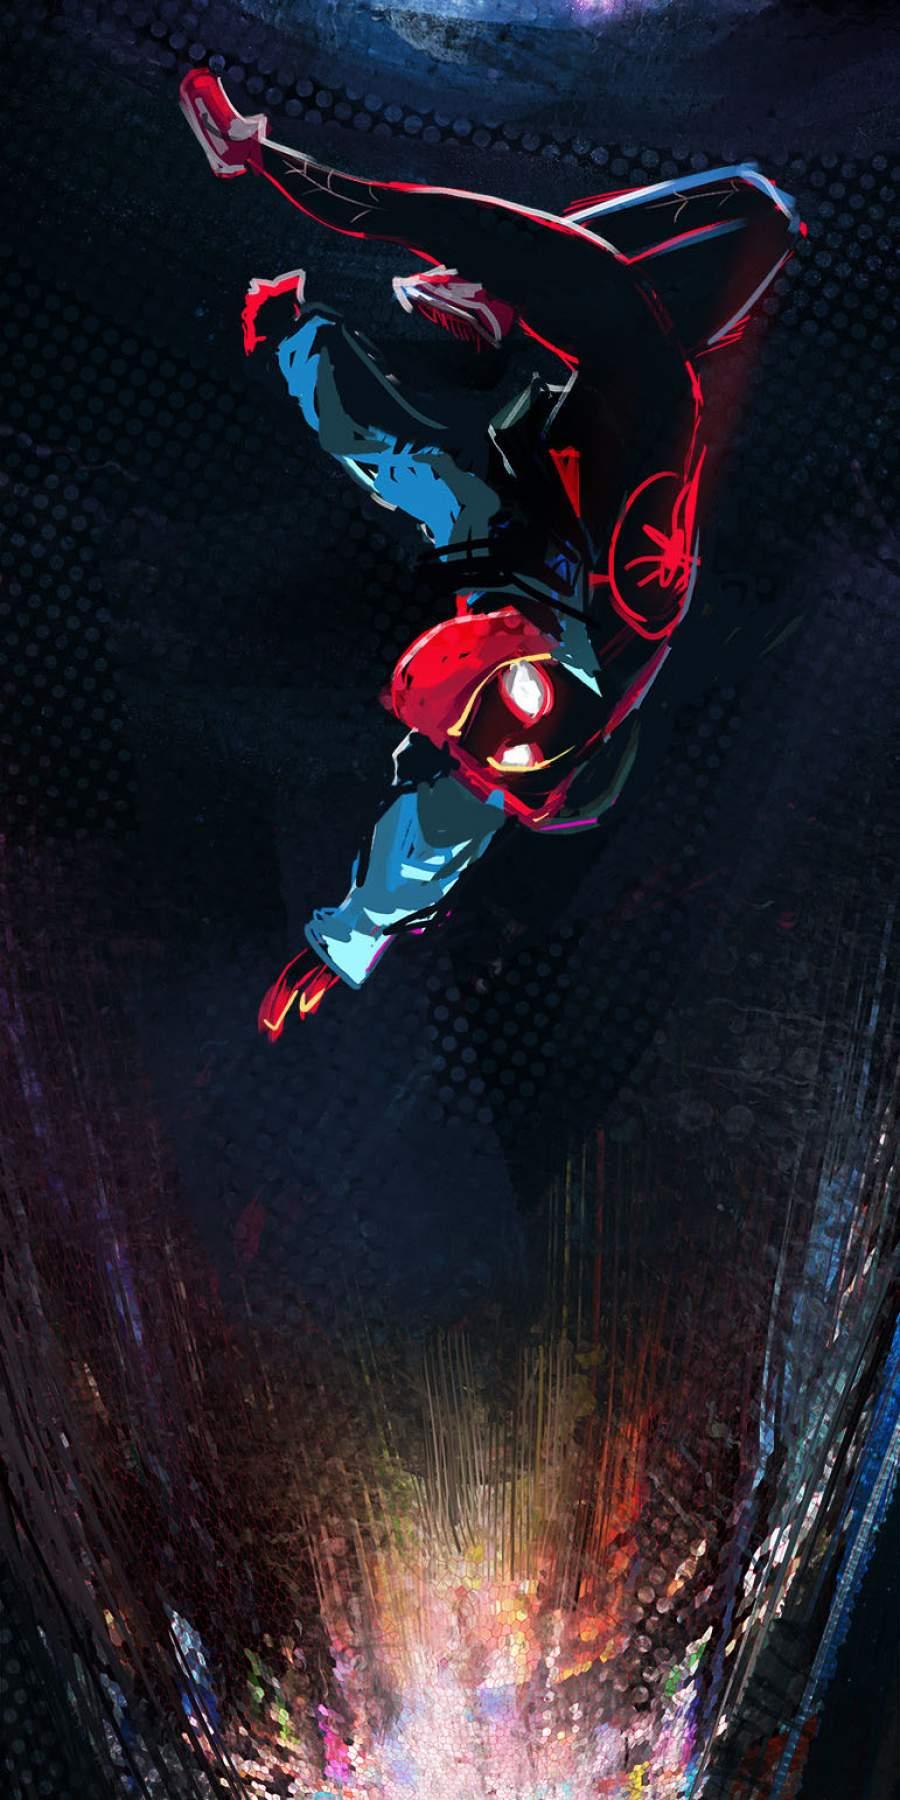 Spiderman Miles Morales Falling iPhone Wallpaper